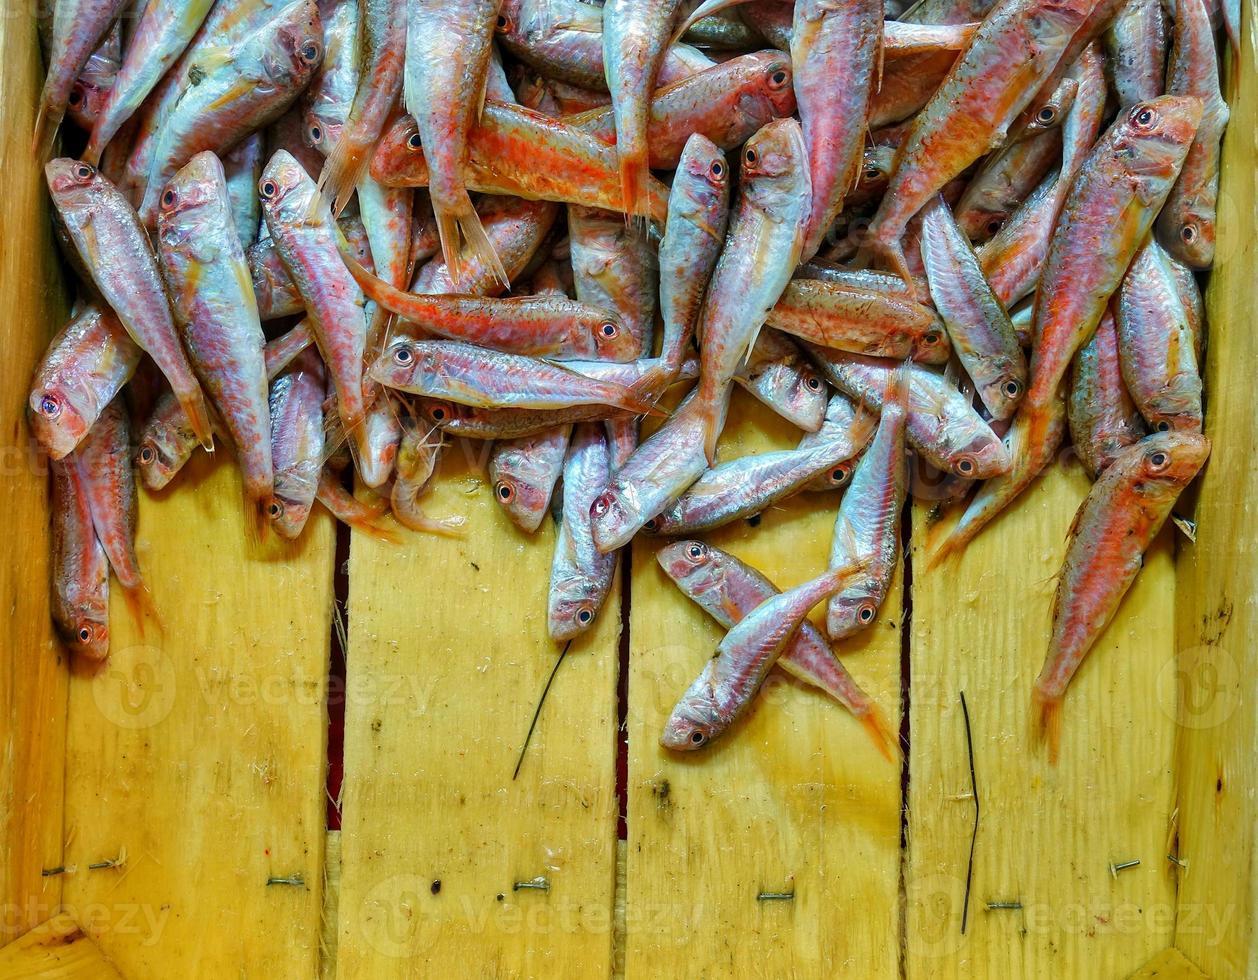 nourriture pour poissons dans un stand de marché aux poissons photo